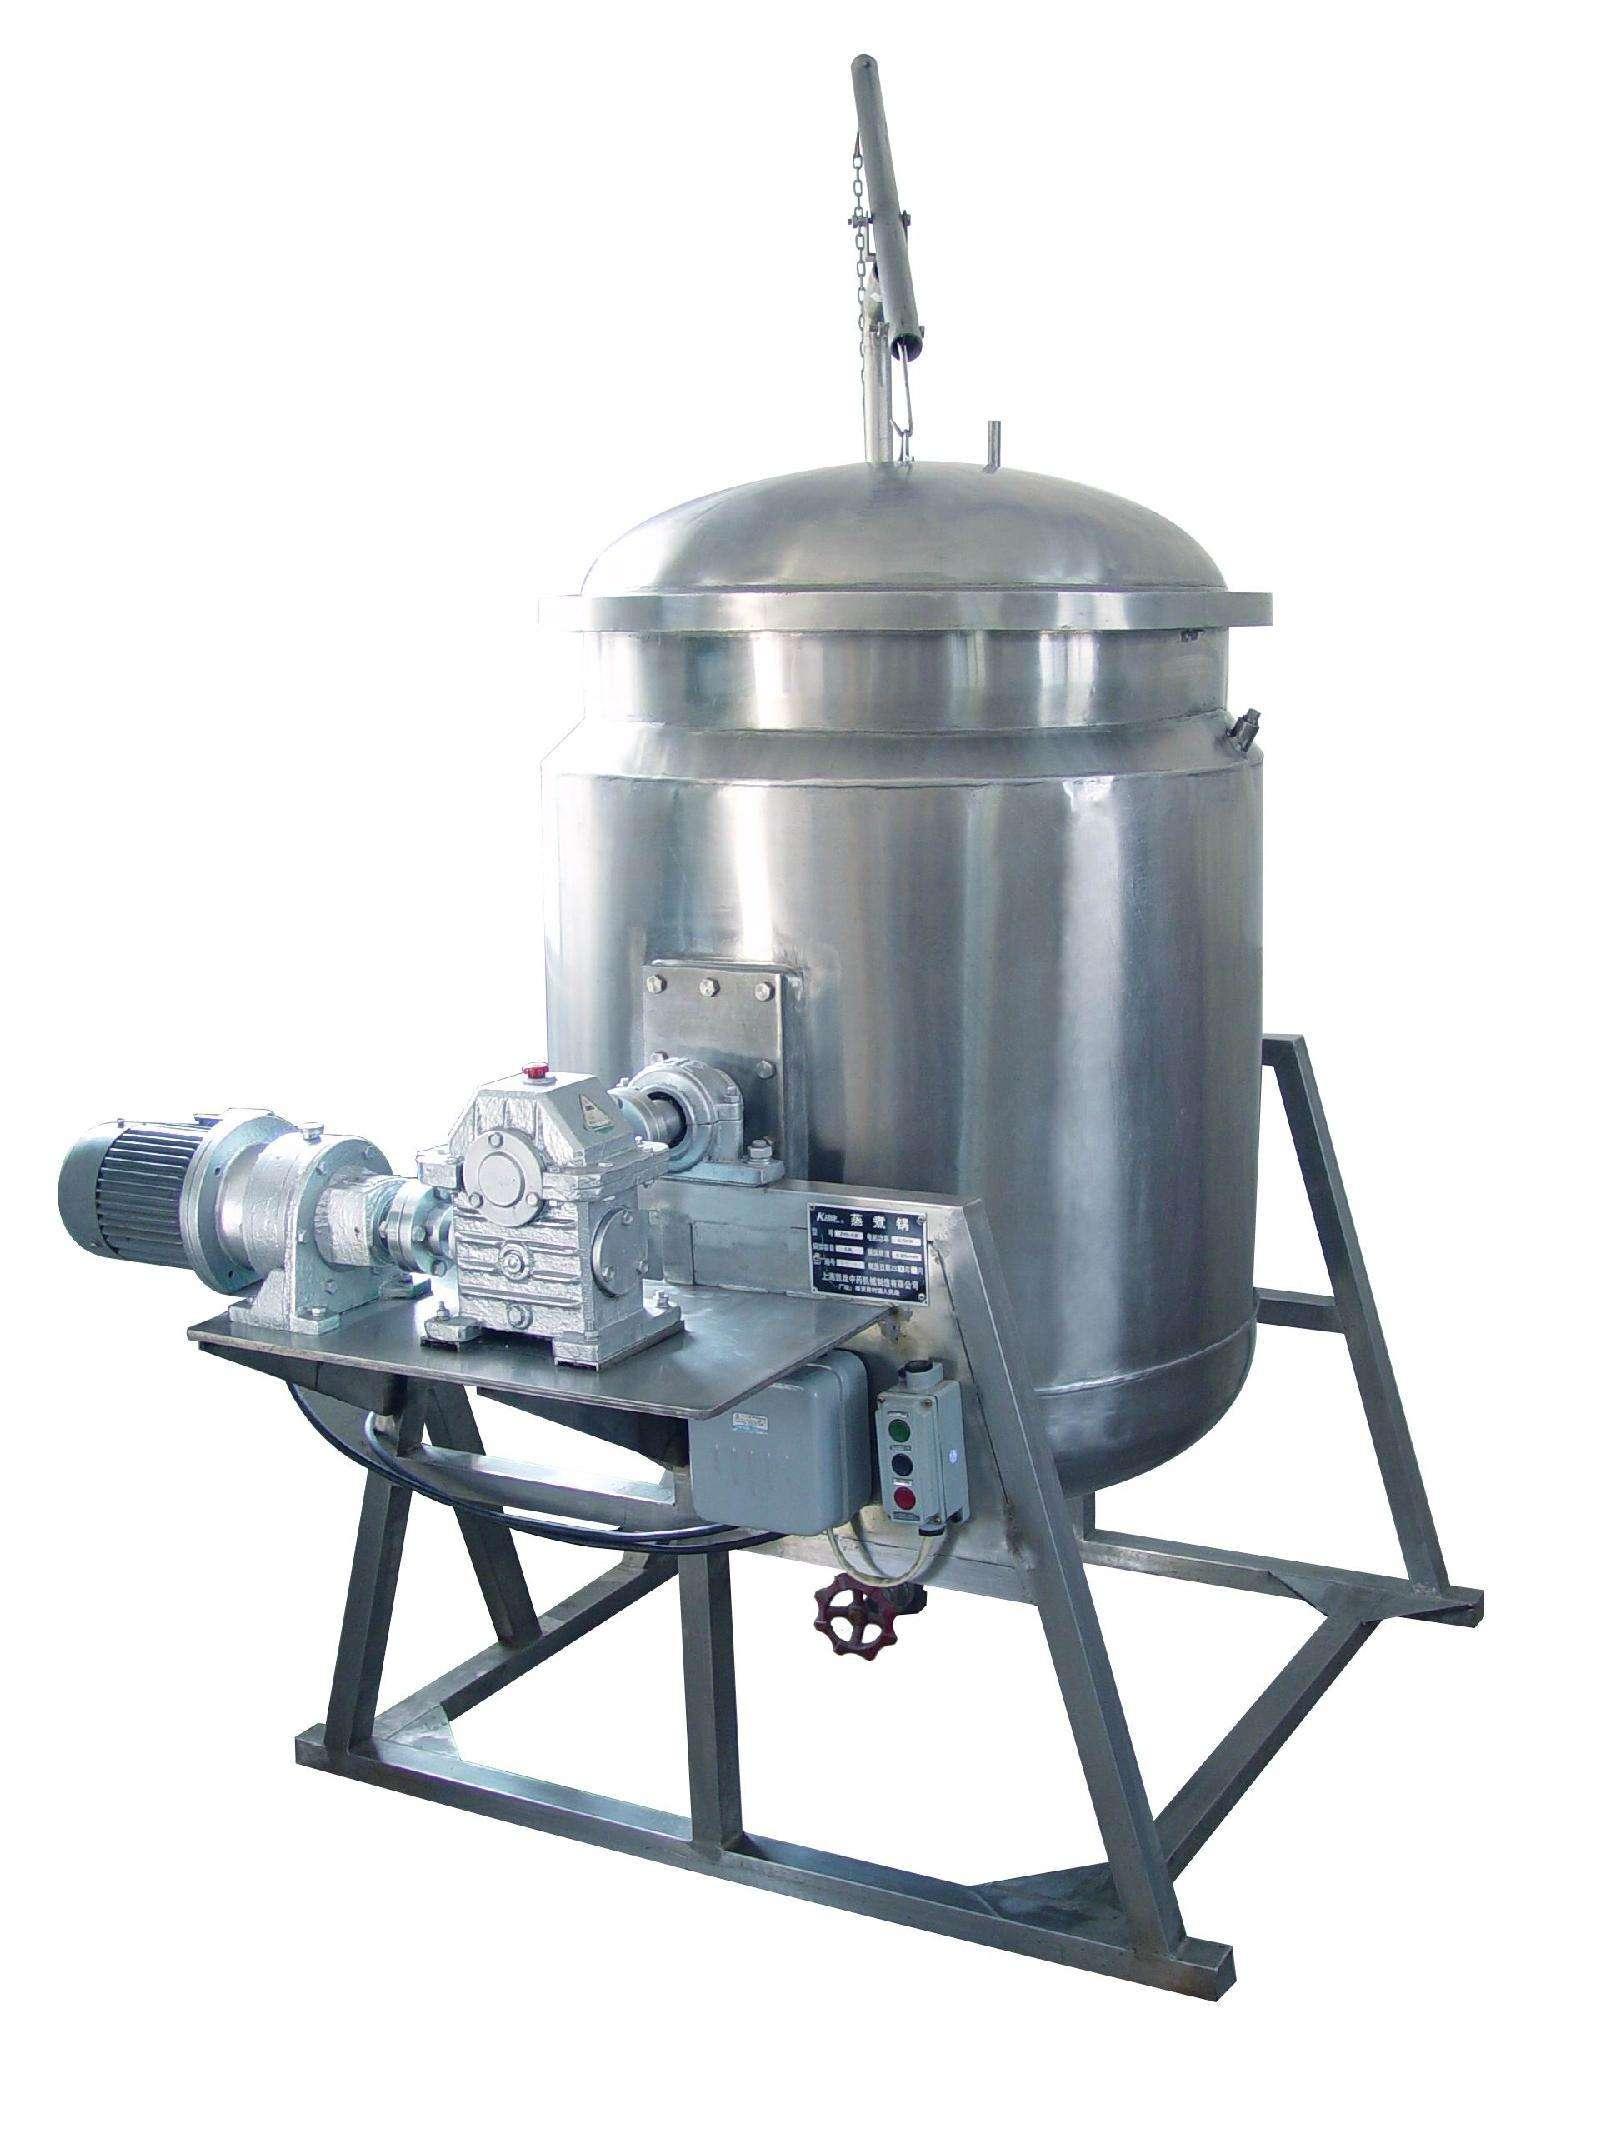 浅析燃煤导热油夹层锅的保温性